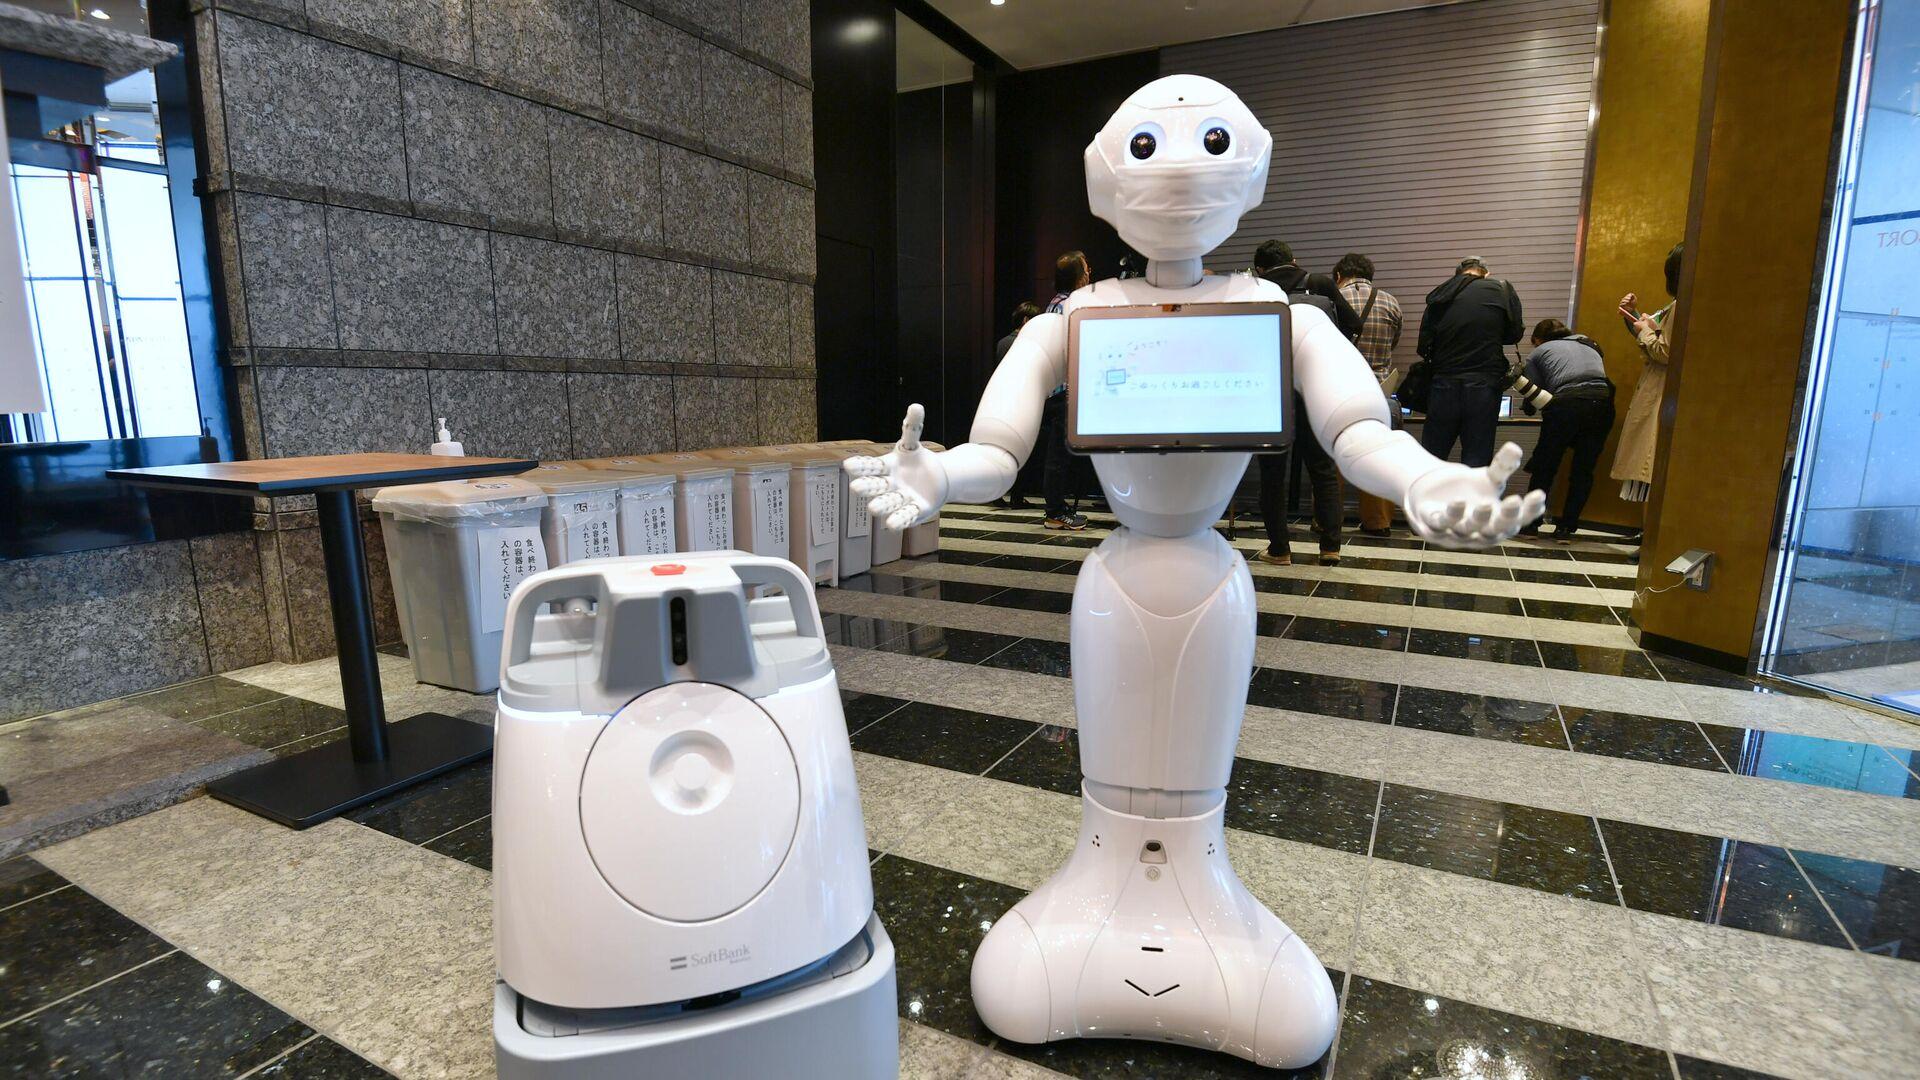 Робот, обслуживающий зараженных коронавирусом на обсервации в токийских гостиницах - РИА Новости, 1920, 13.10.2020